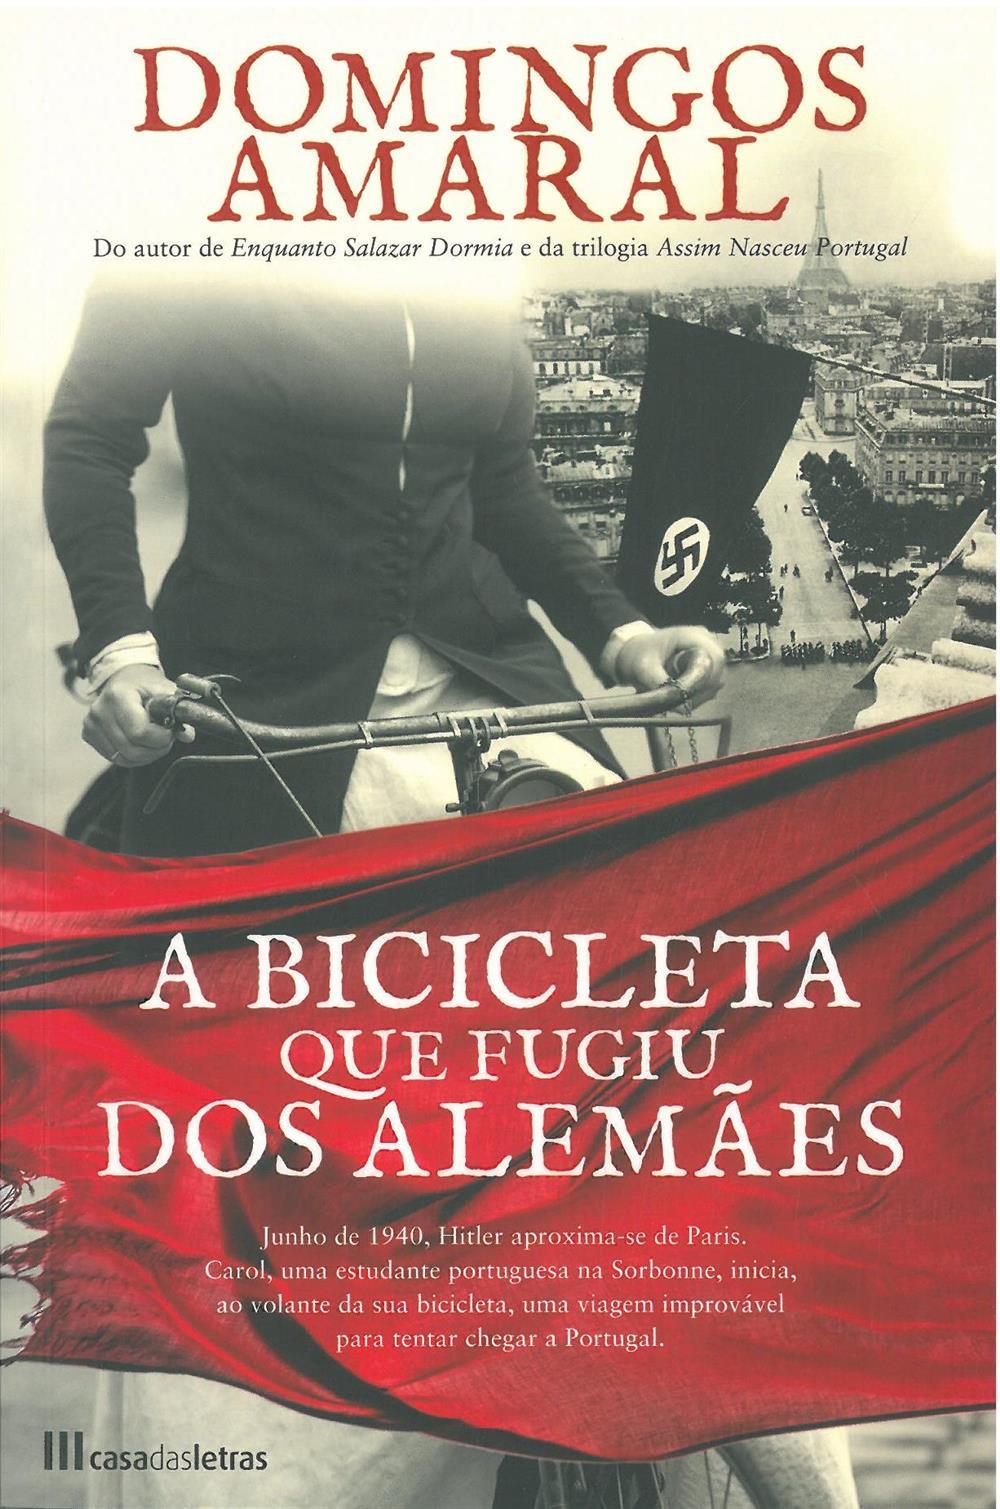 A bicicleta que fugiu dos alemães.jpg